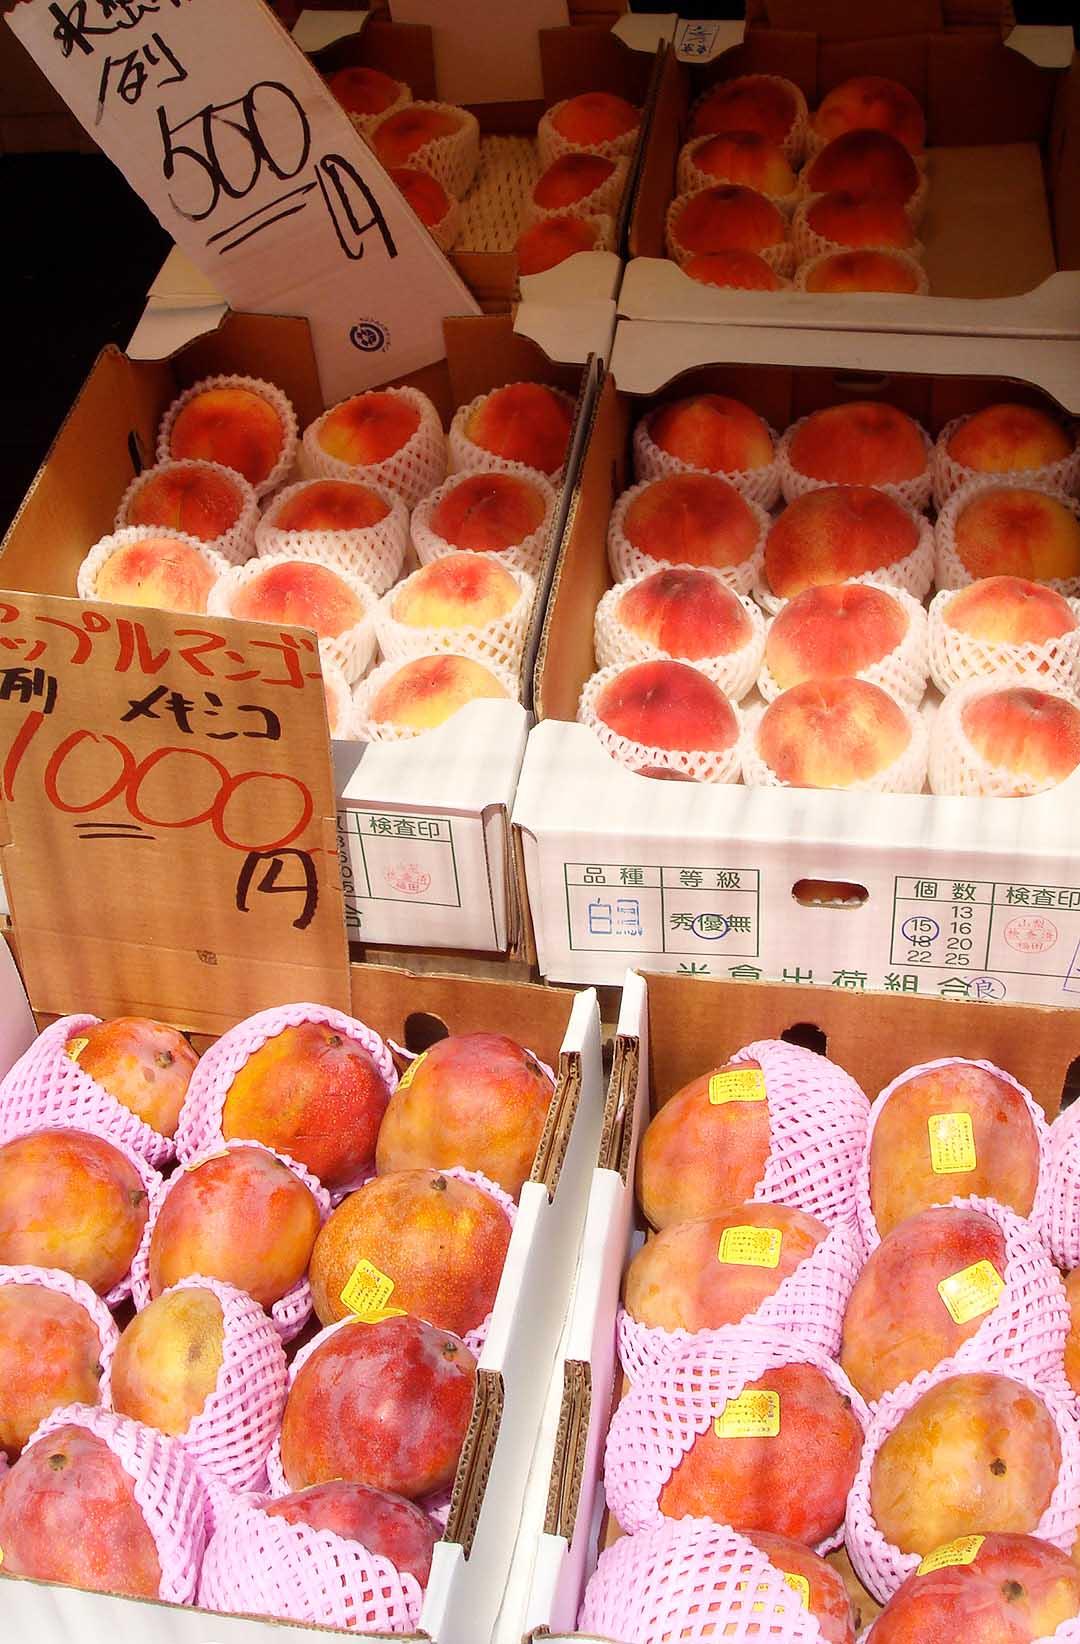 季節の果物も充実しており、まとめ買いにも最適!